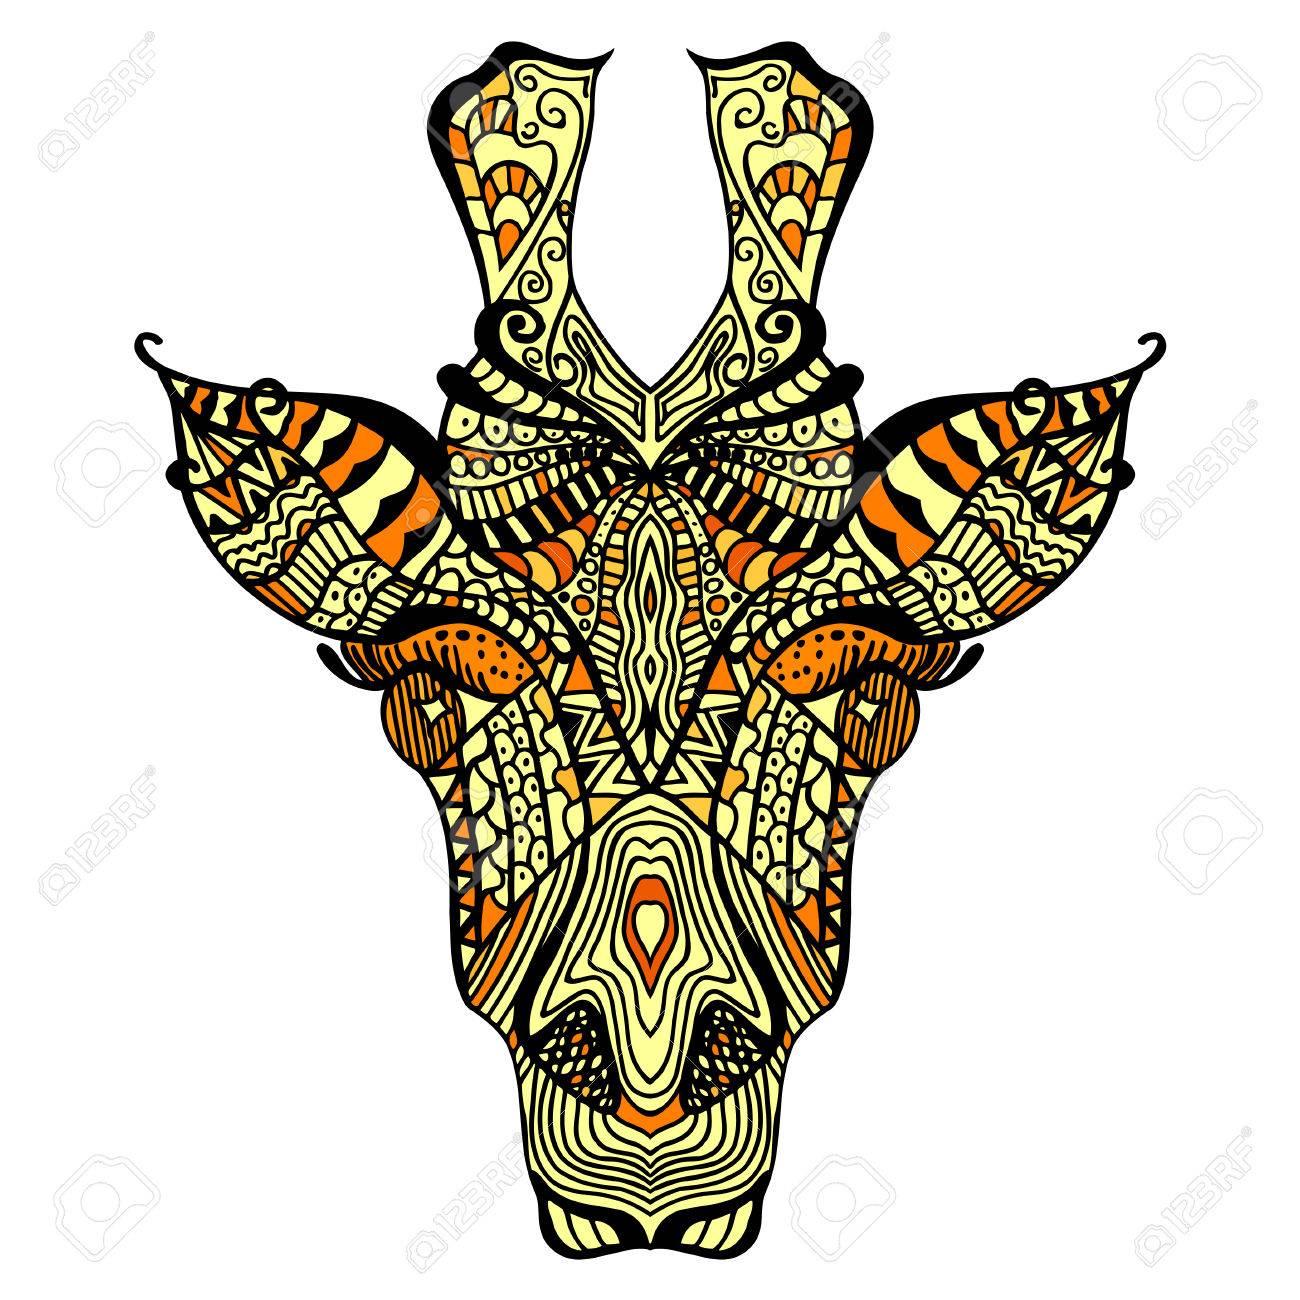 Giraffe. Hand Gezeichnet Giraffe Mit Ethnischen Blumen ...